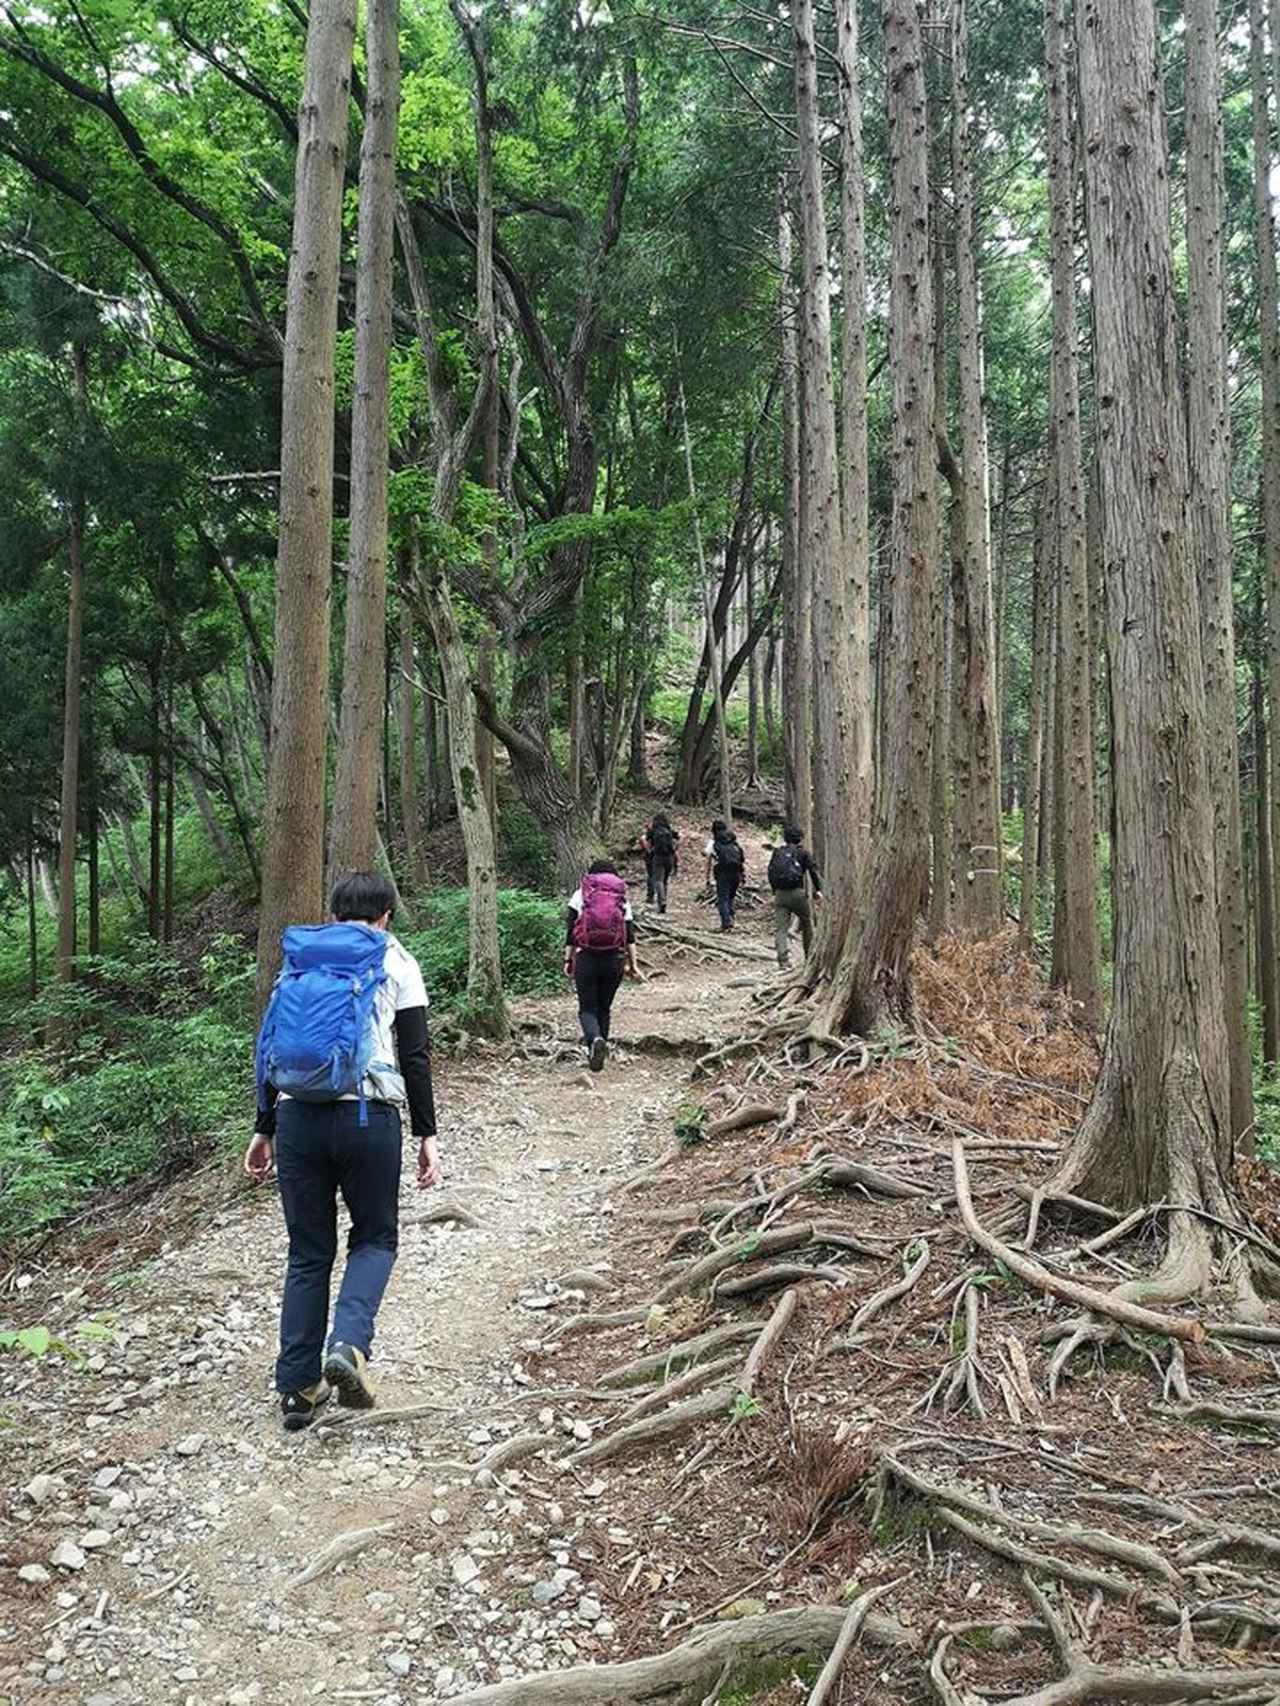 画像: 【登山の旅】登山ツアーにおける新型コロナウイルス感染予防対策について ~安心してご参加いただくために~